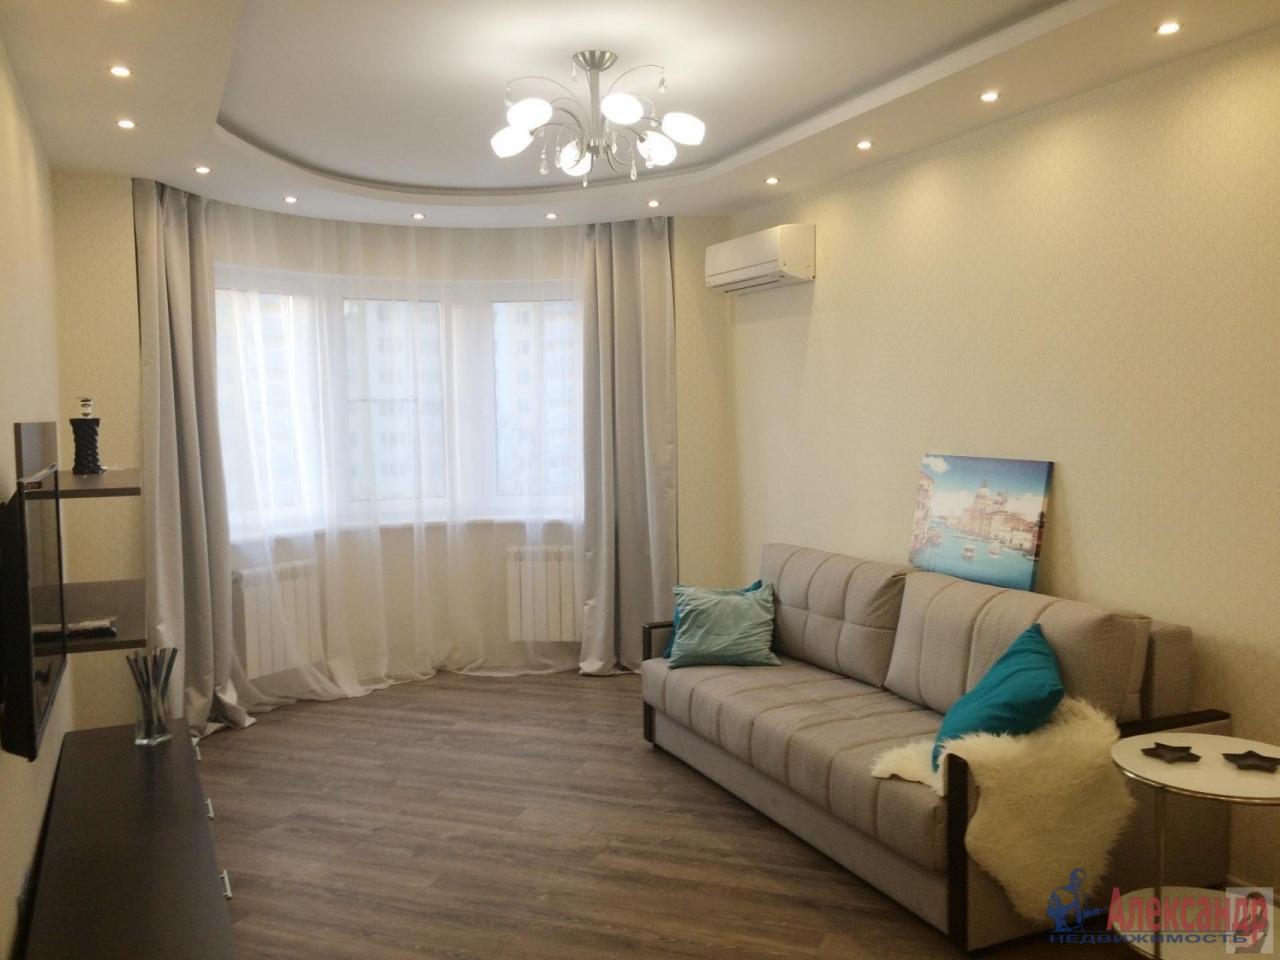 2-комнатная квартира (56м2) в аренду по адресу Типанова ул., 27— фото 2 из 4